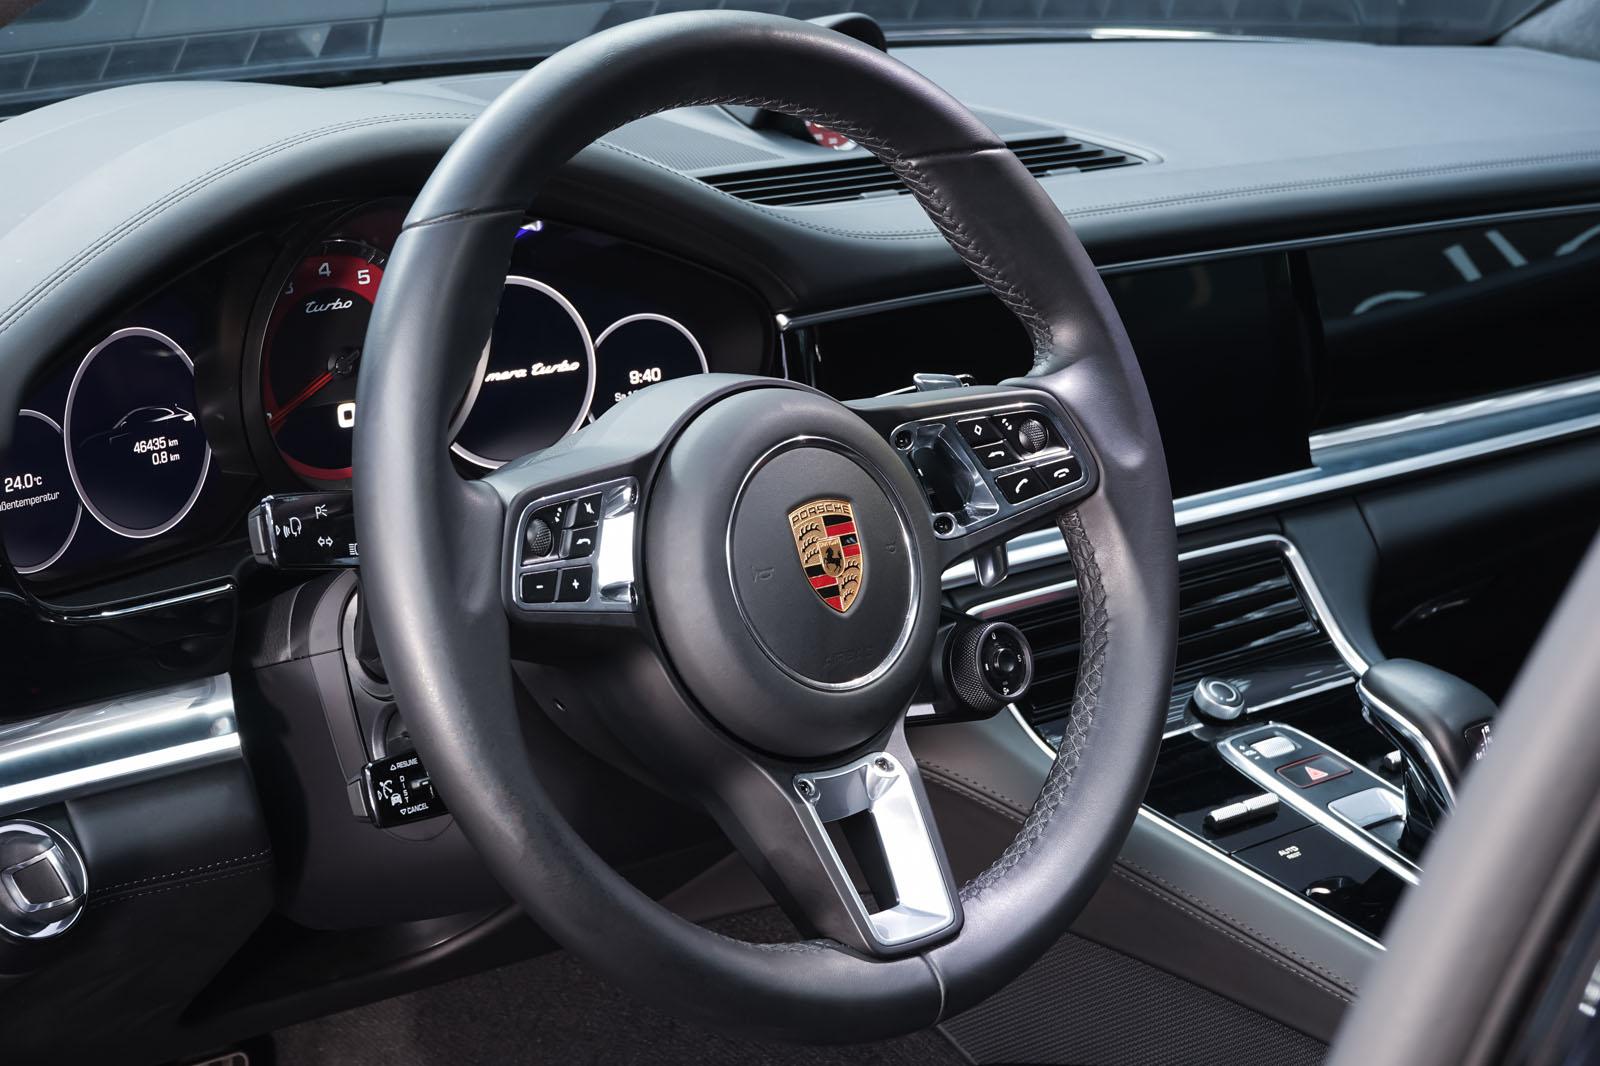 Porsche_Panamera_SportTurismo_Turbo_Schwarz_Schwarz_POR-5145_12_w